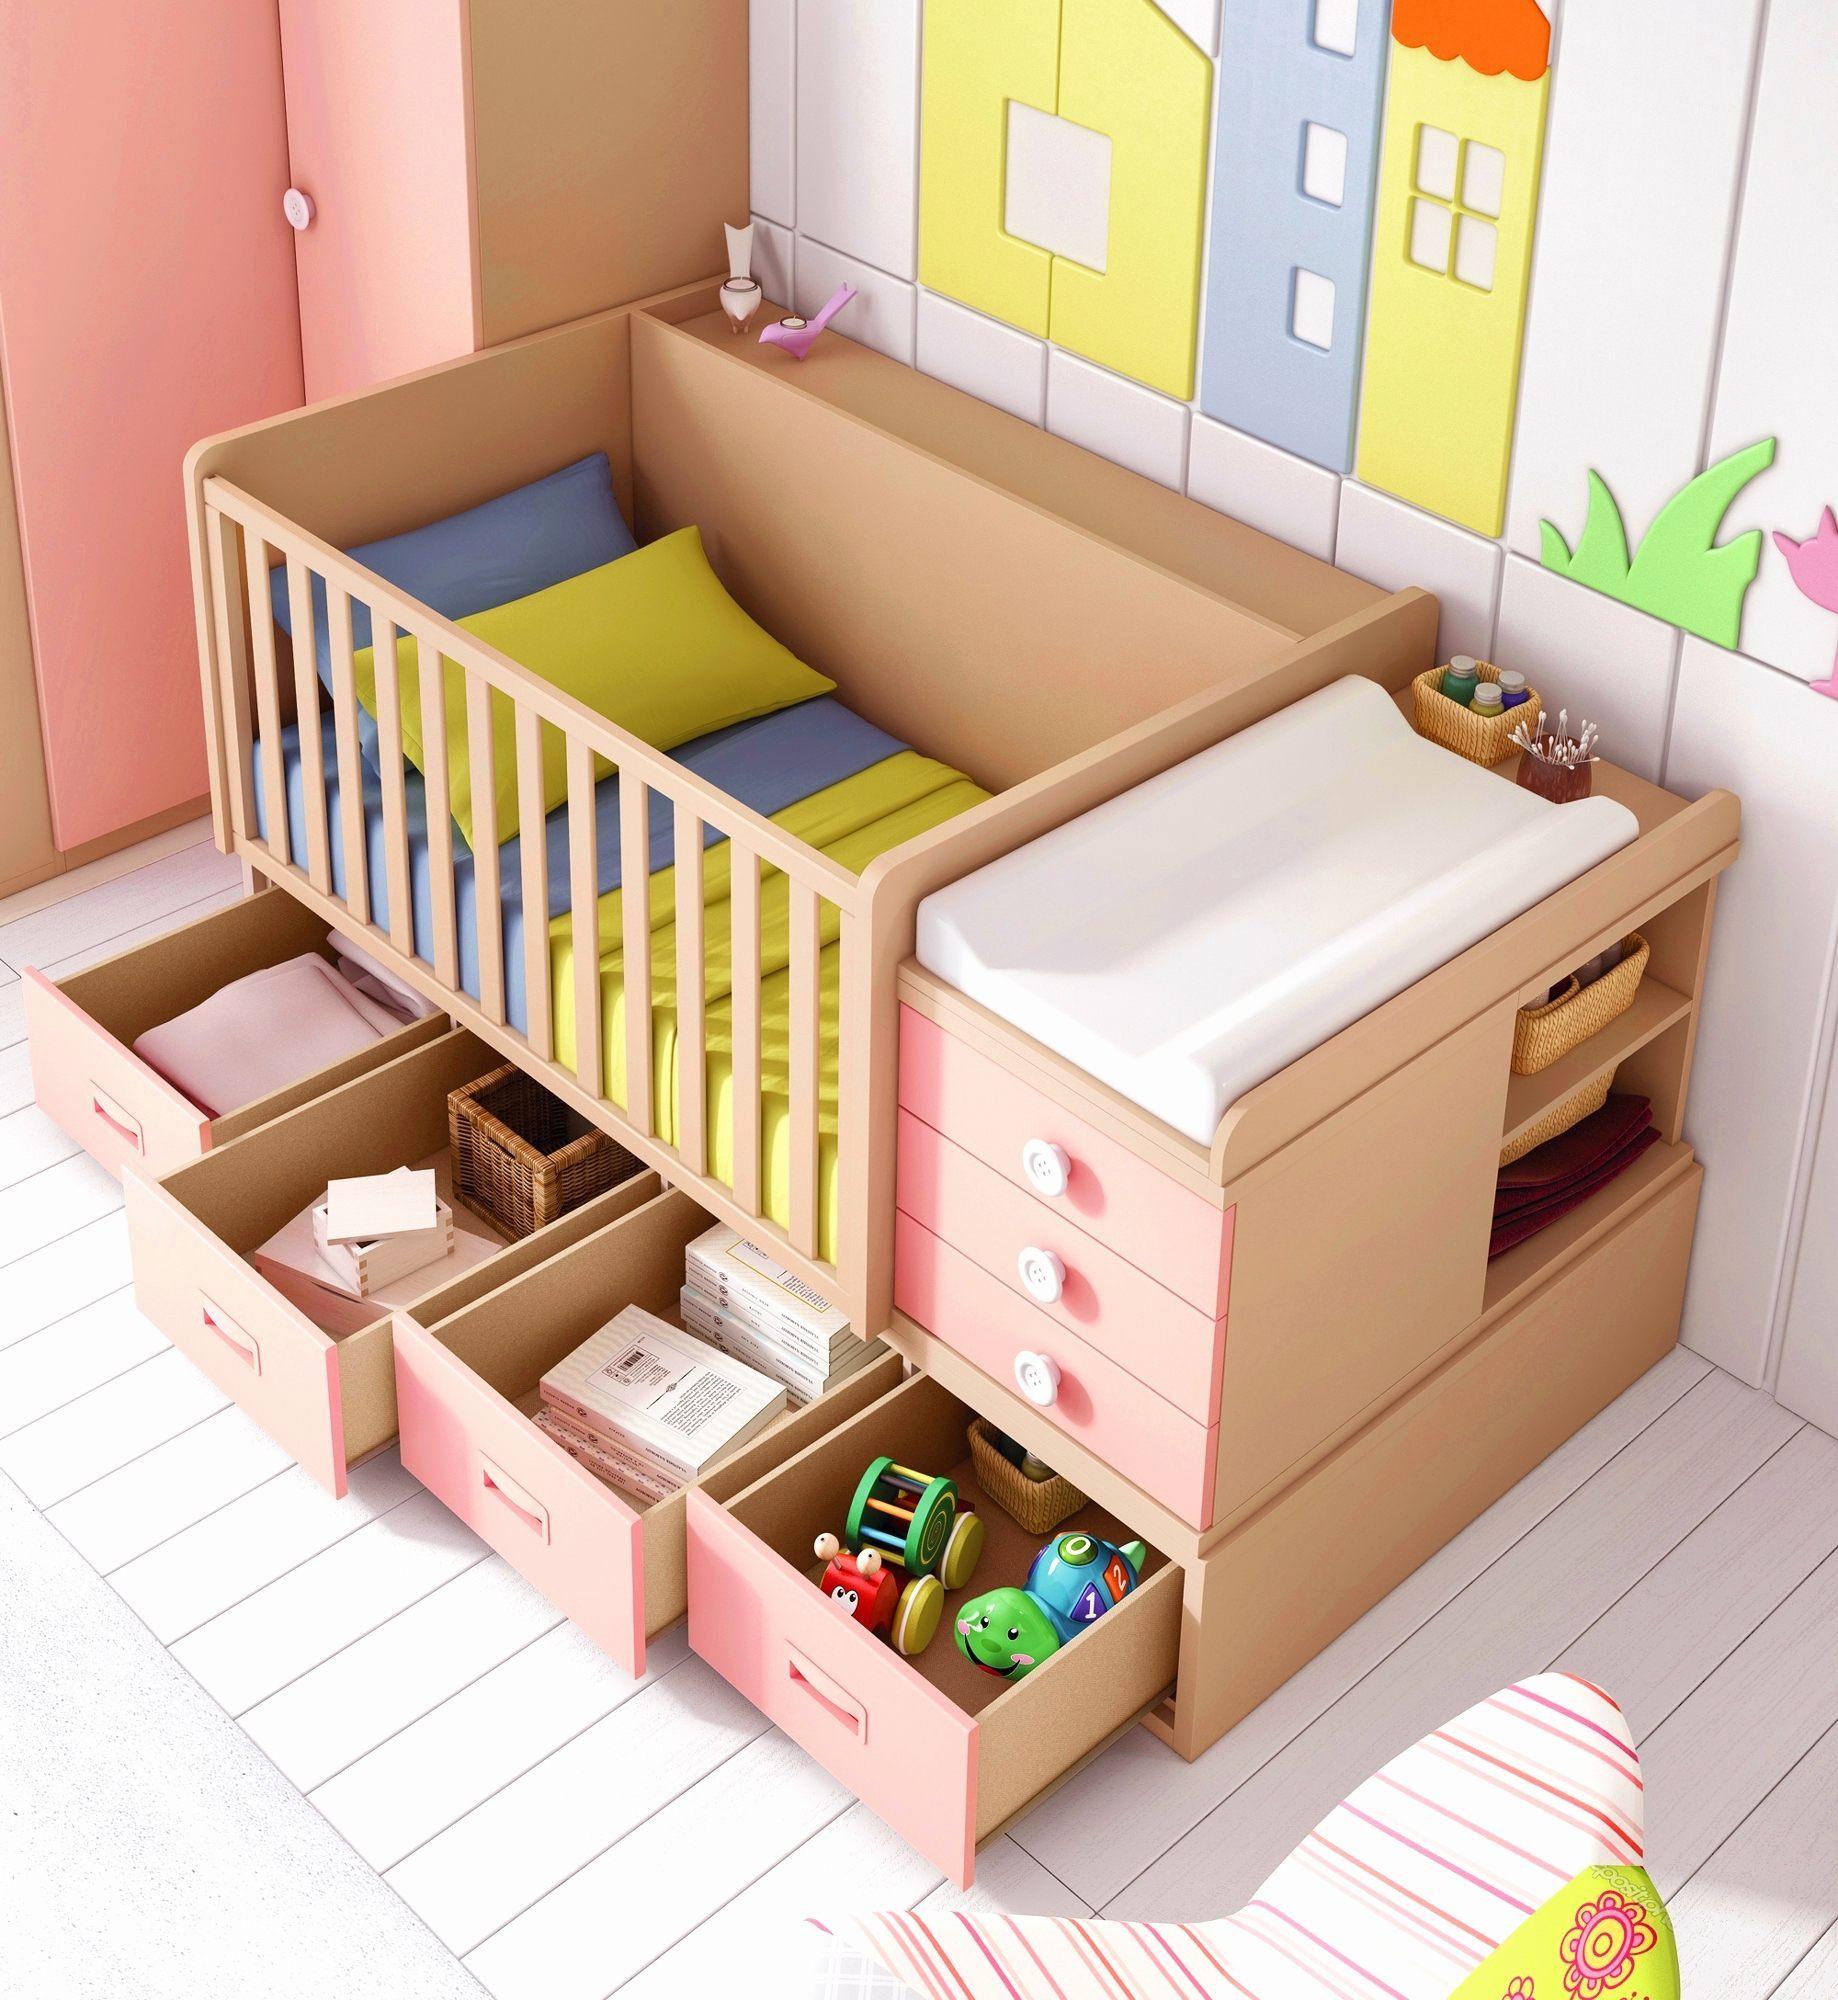 Lit Superposé Pour Bébé Élégant Chaise Bébé Pliante Cuisine Pour Bebe Lovely Lit Ikea Bebe 12